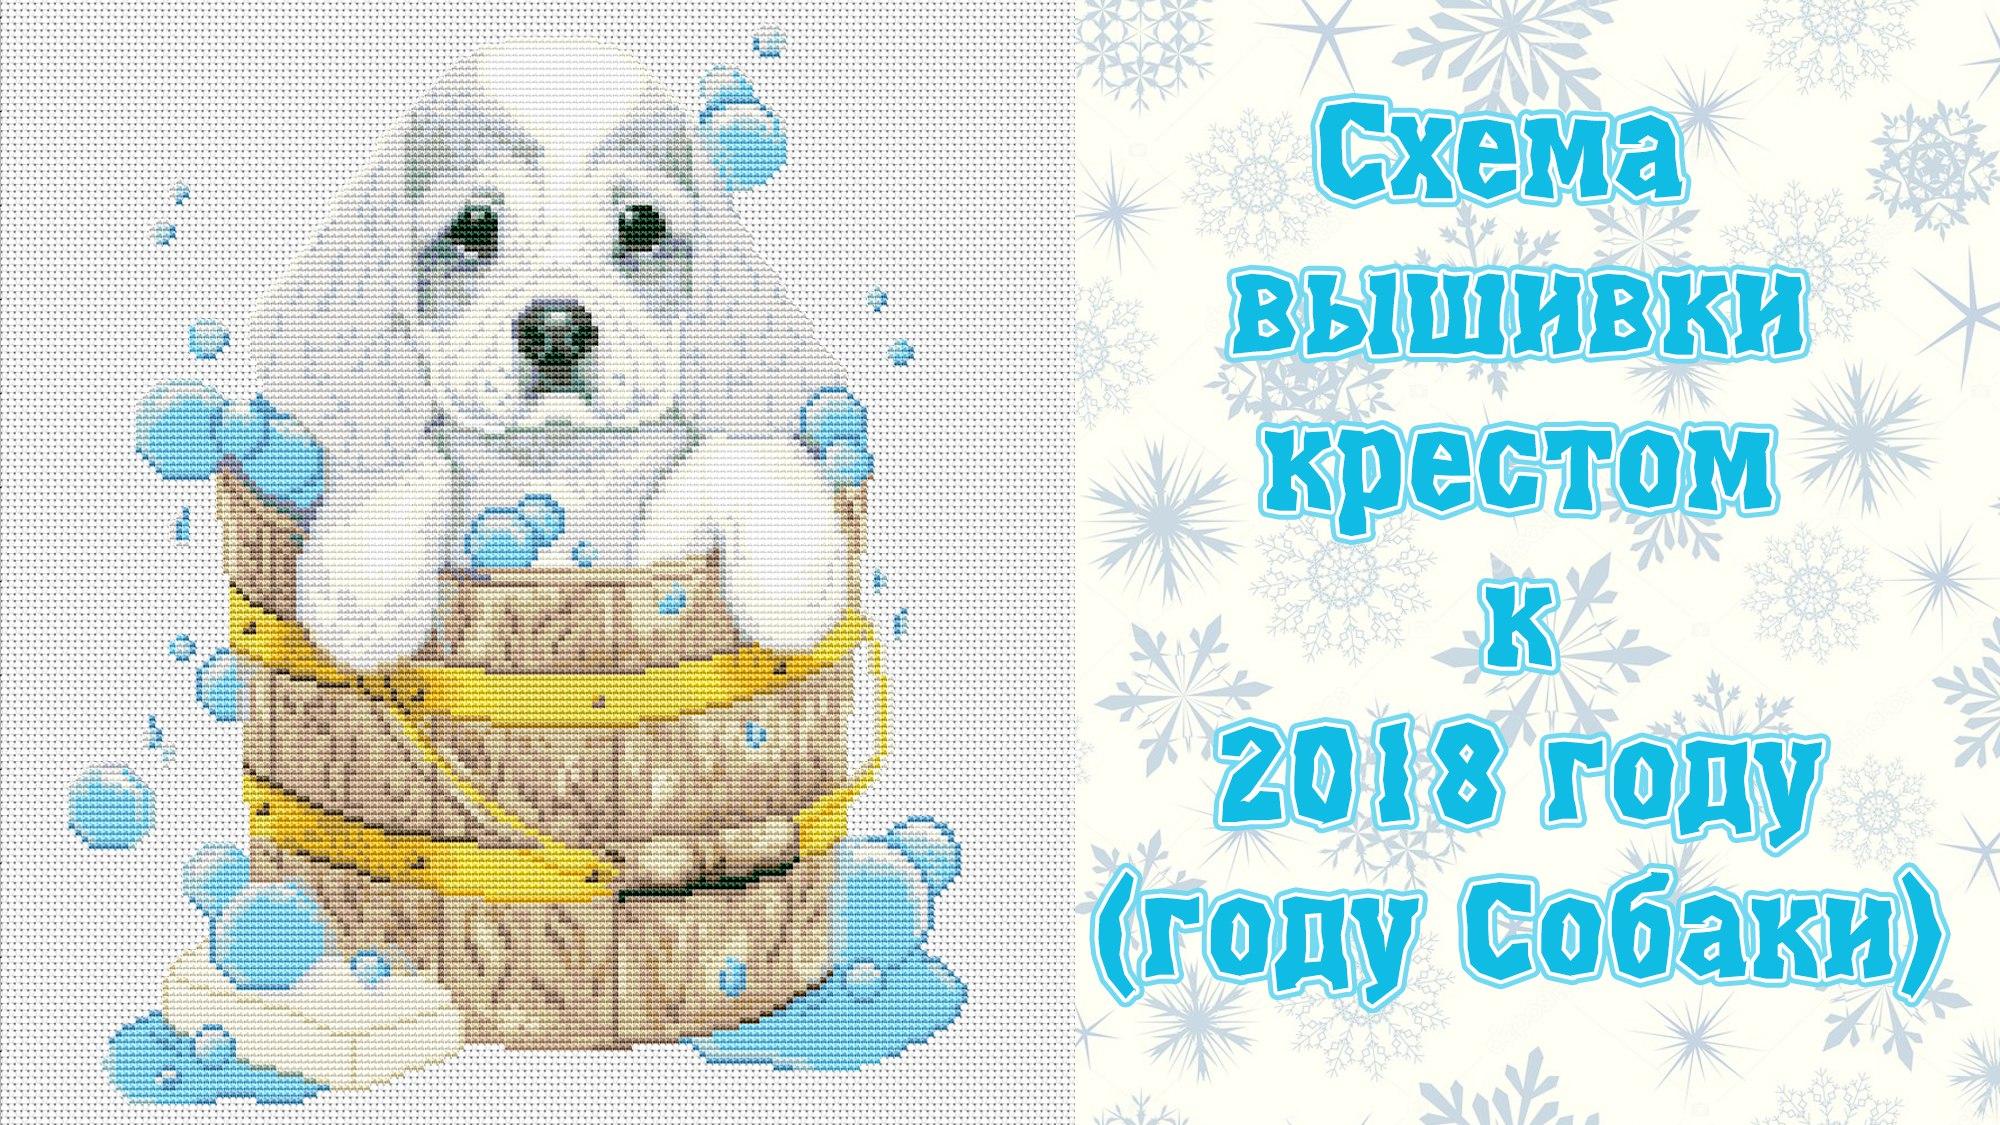 Вышивка крстом собаки к новому году